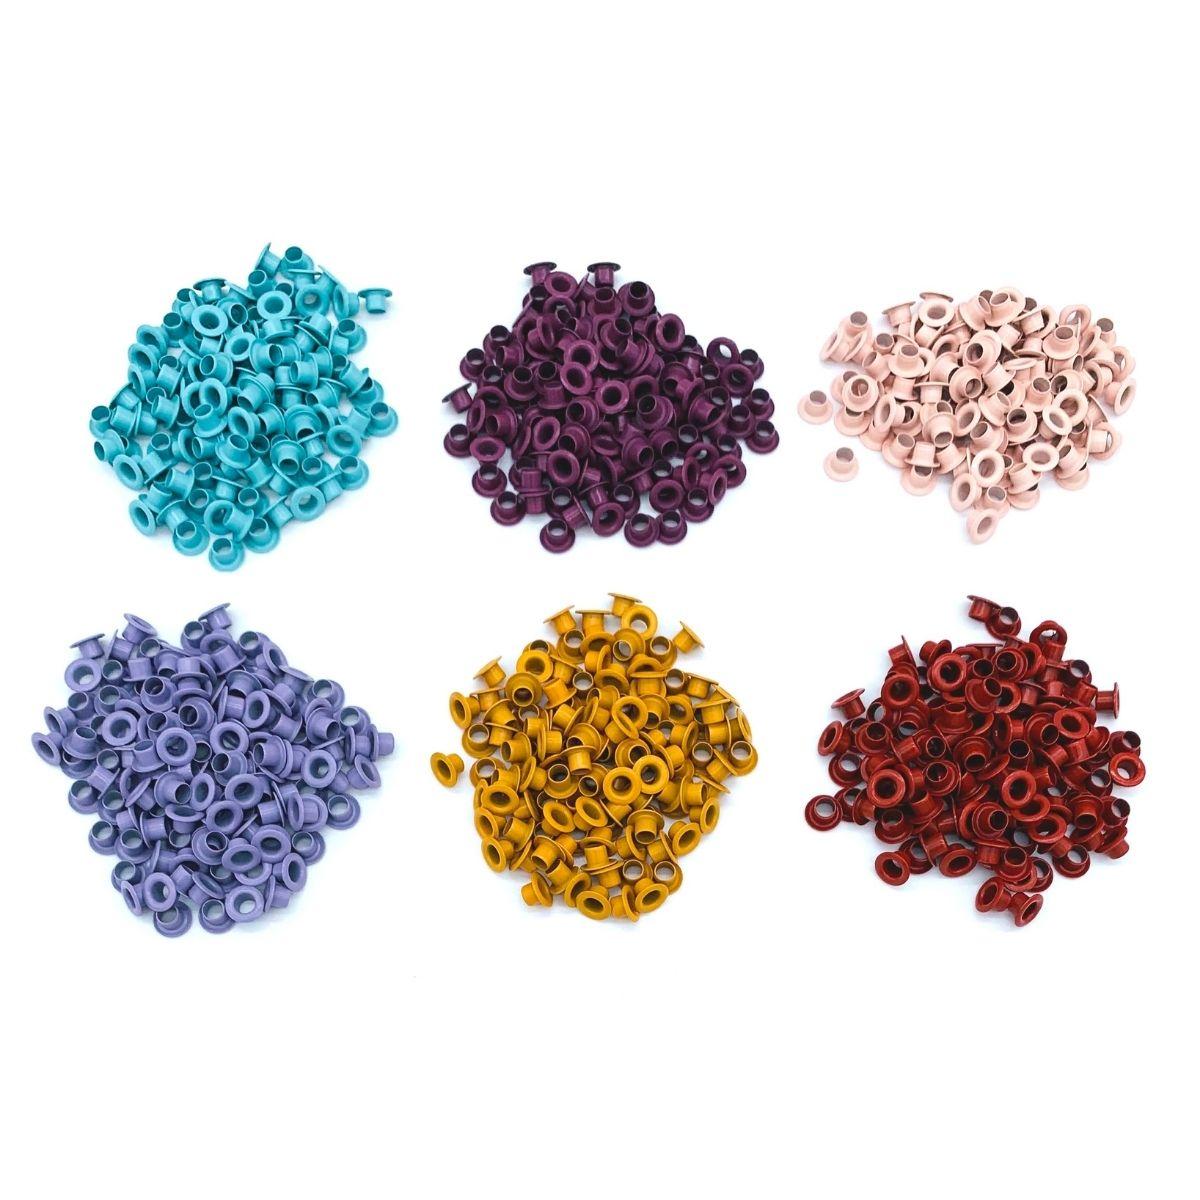 Ilhós 54 aluminio 6 cores com 100 peças cada